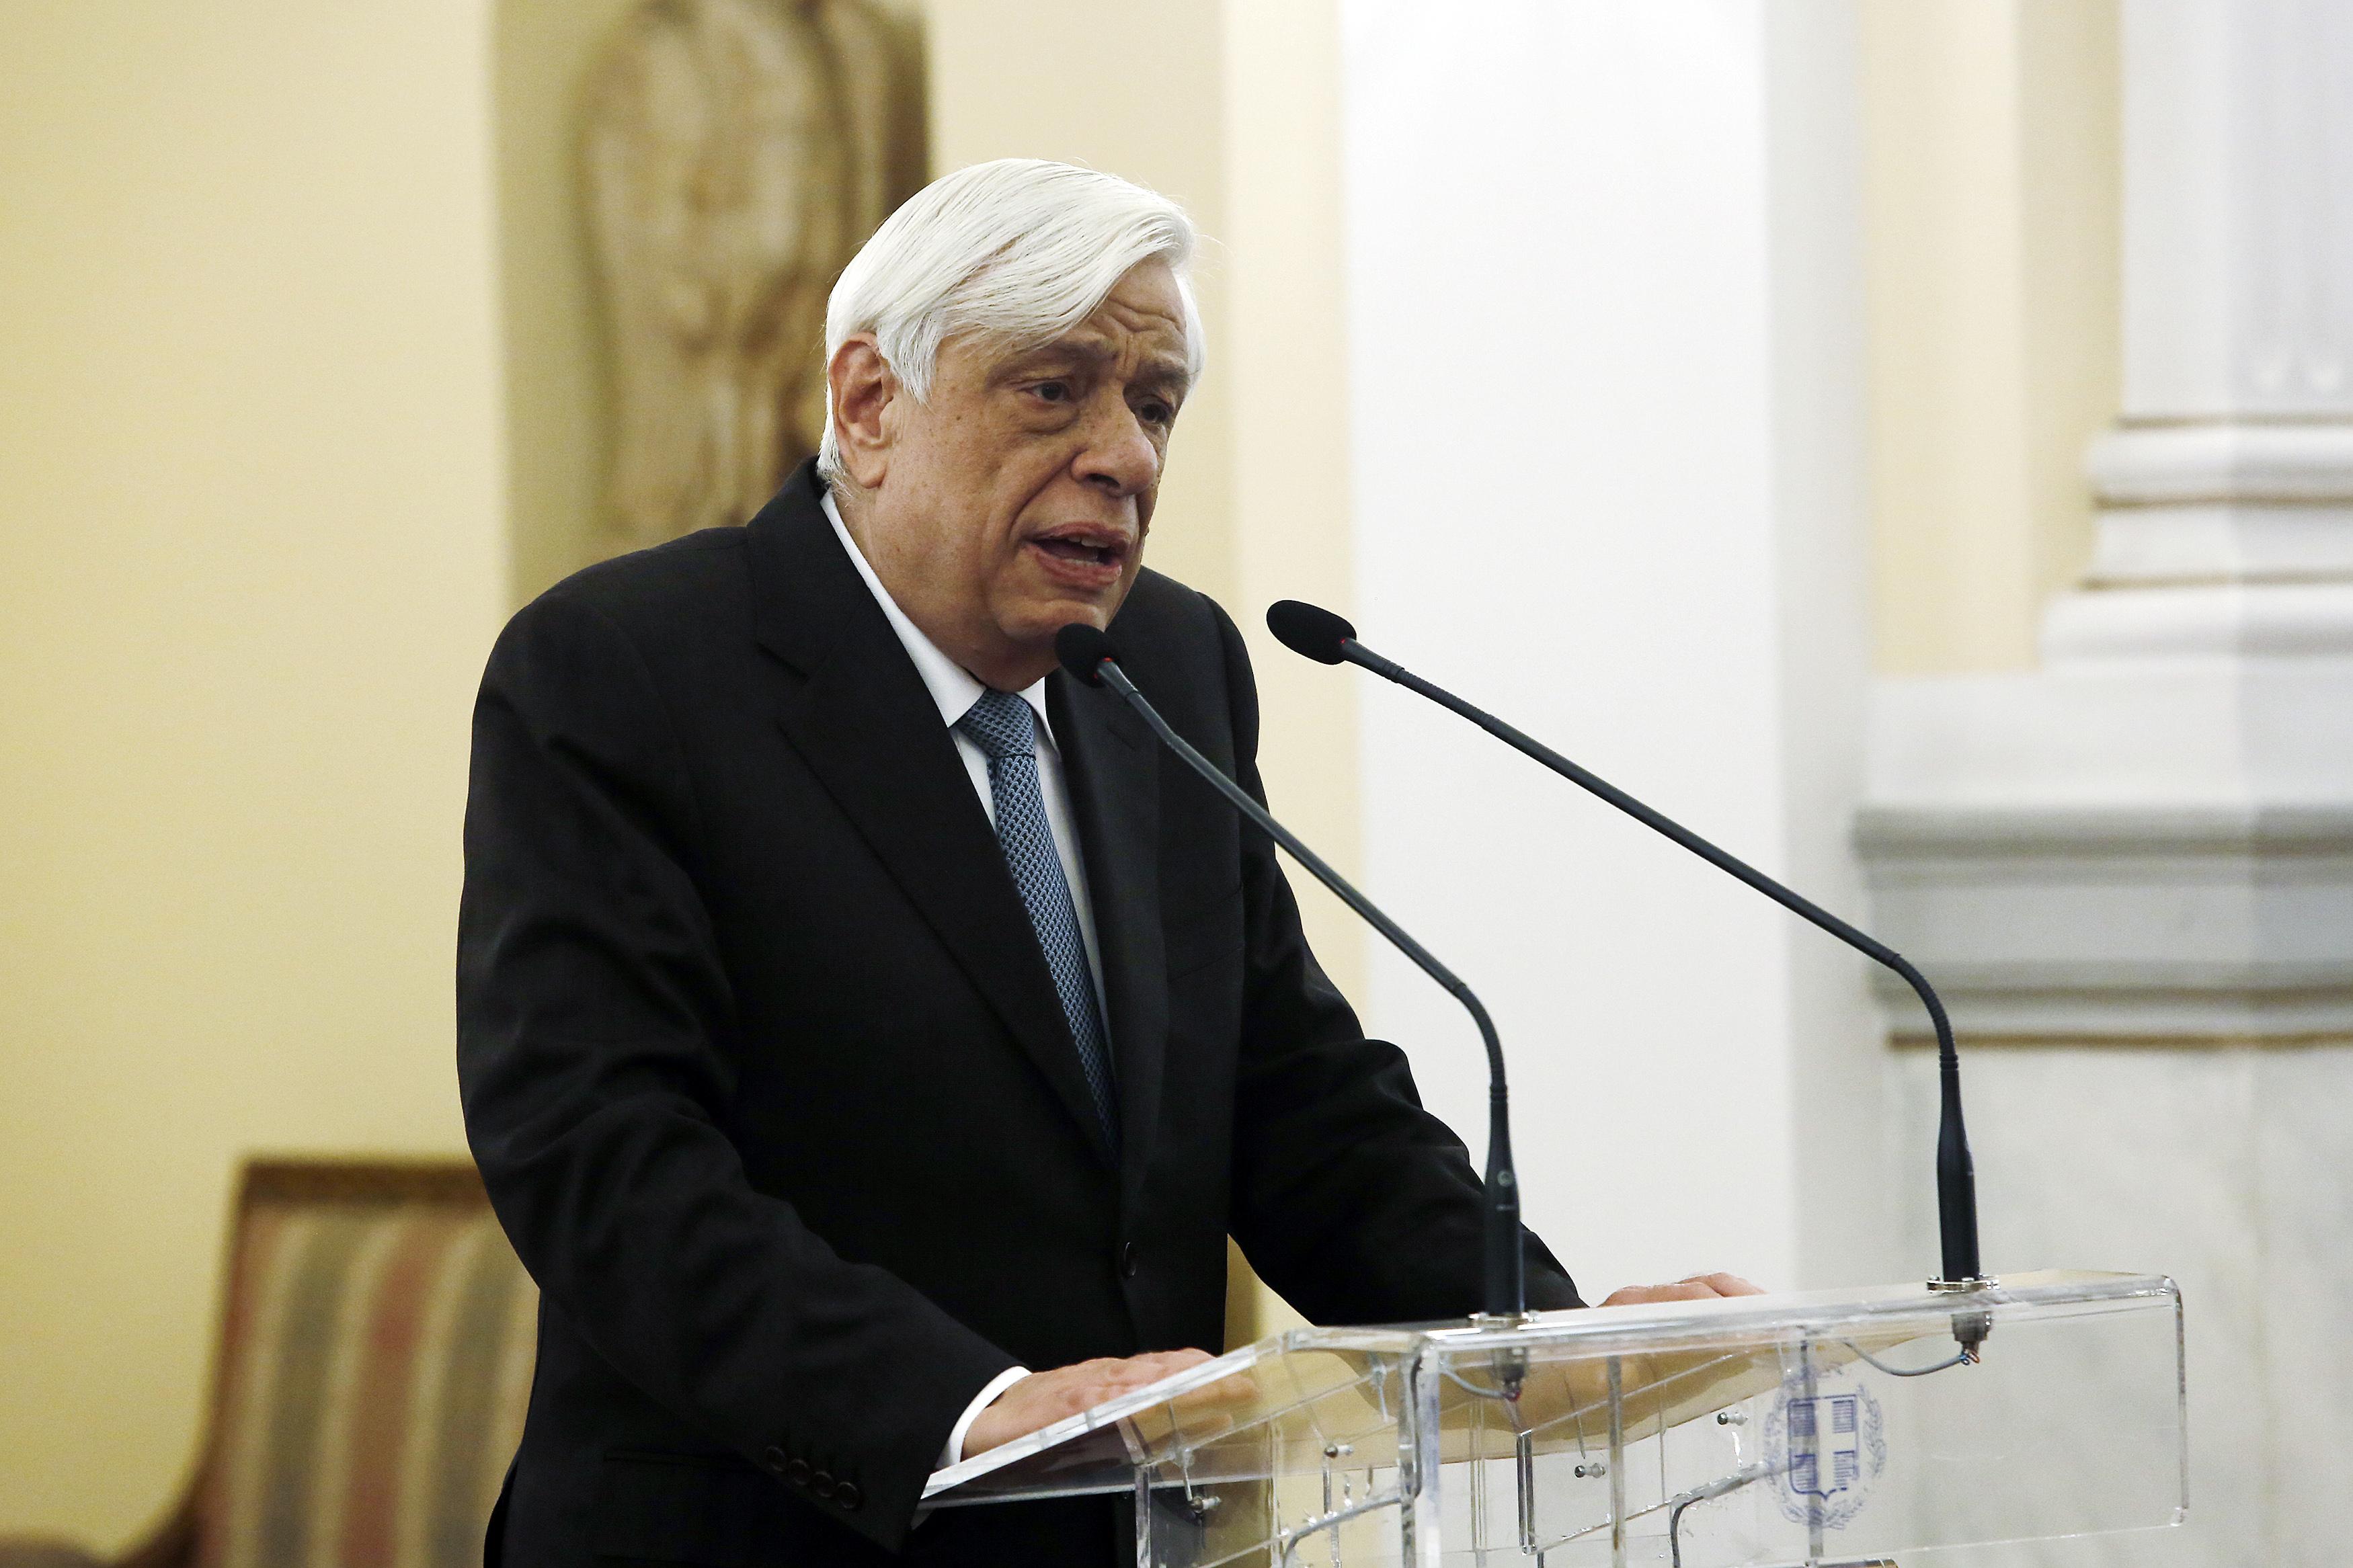 Παυλόπουλος: Εξήρε τη σημασία της ελλληνογαλλικής φιλίας   tovima.gr